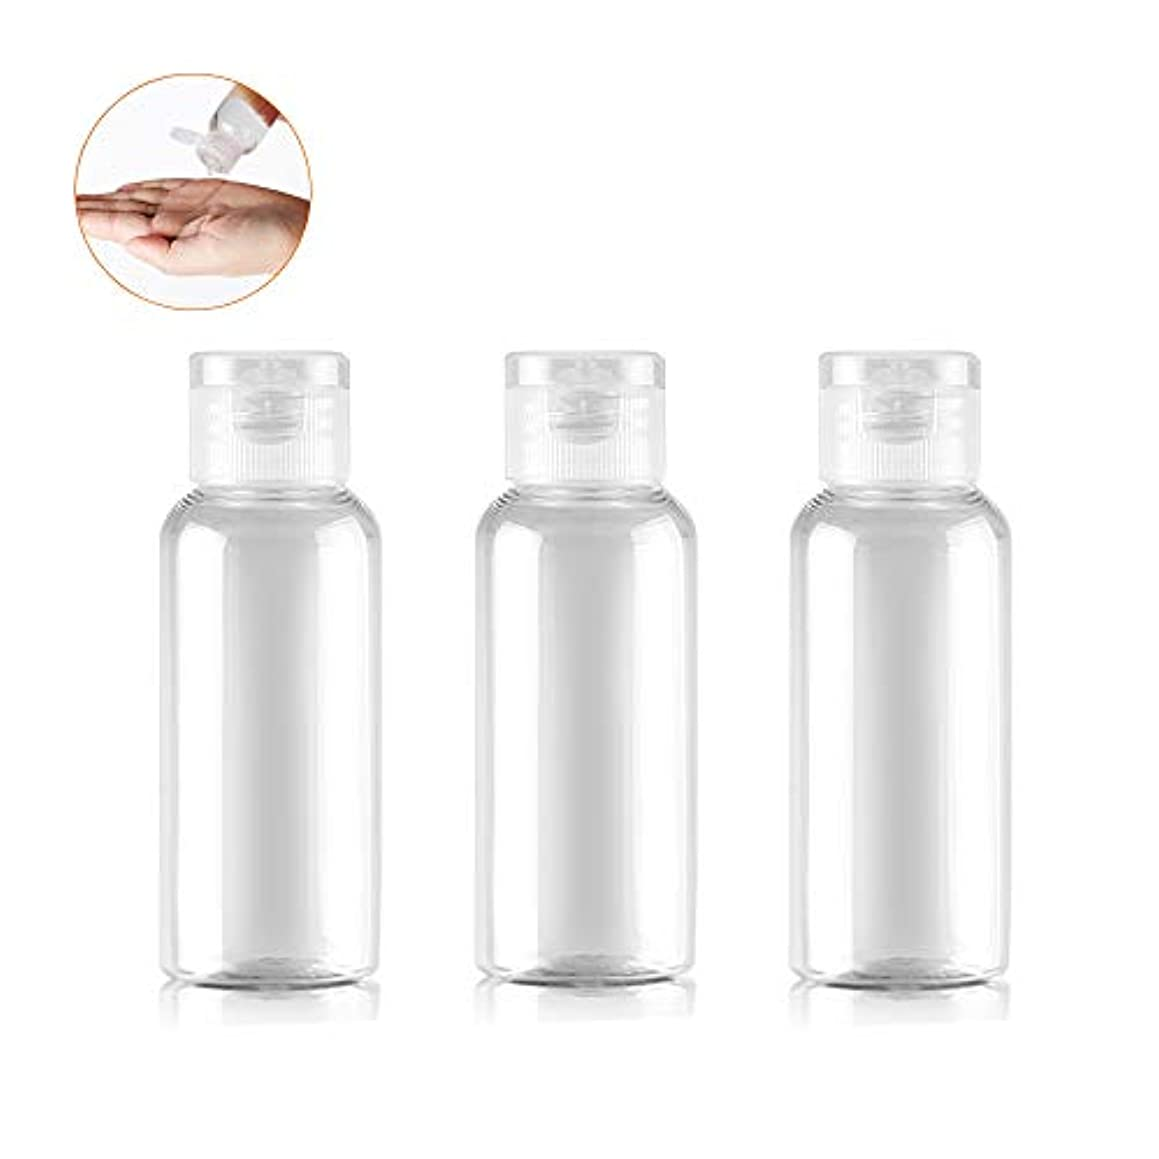 値する浴選択する小分けボトル トラベルボトル 3本セット プッシュタイプ 小分け容器 化粧水 精製水 詰替ボトル 旅行用 (A)